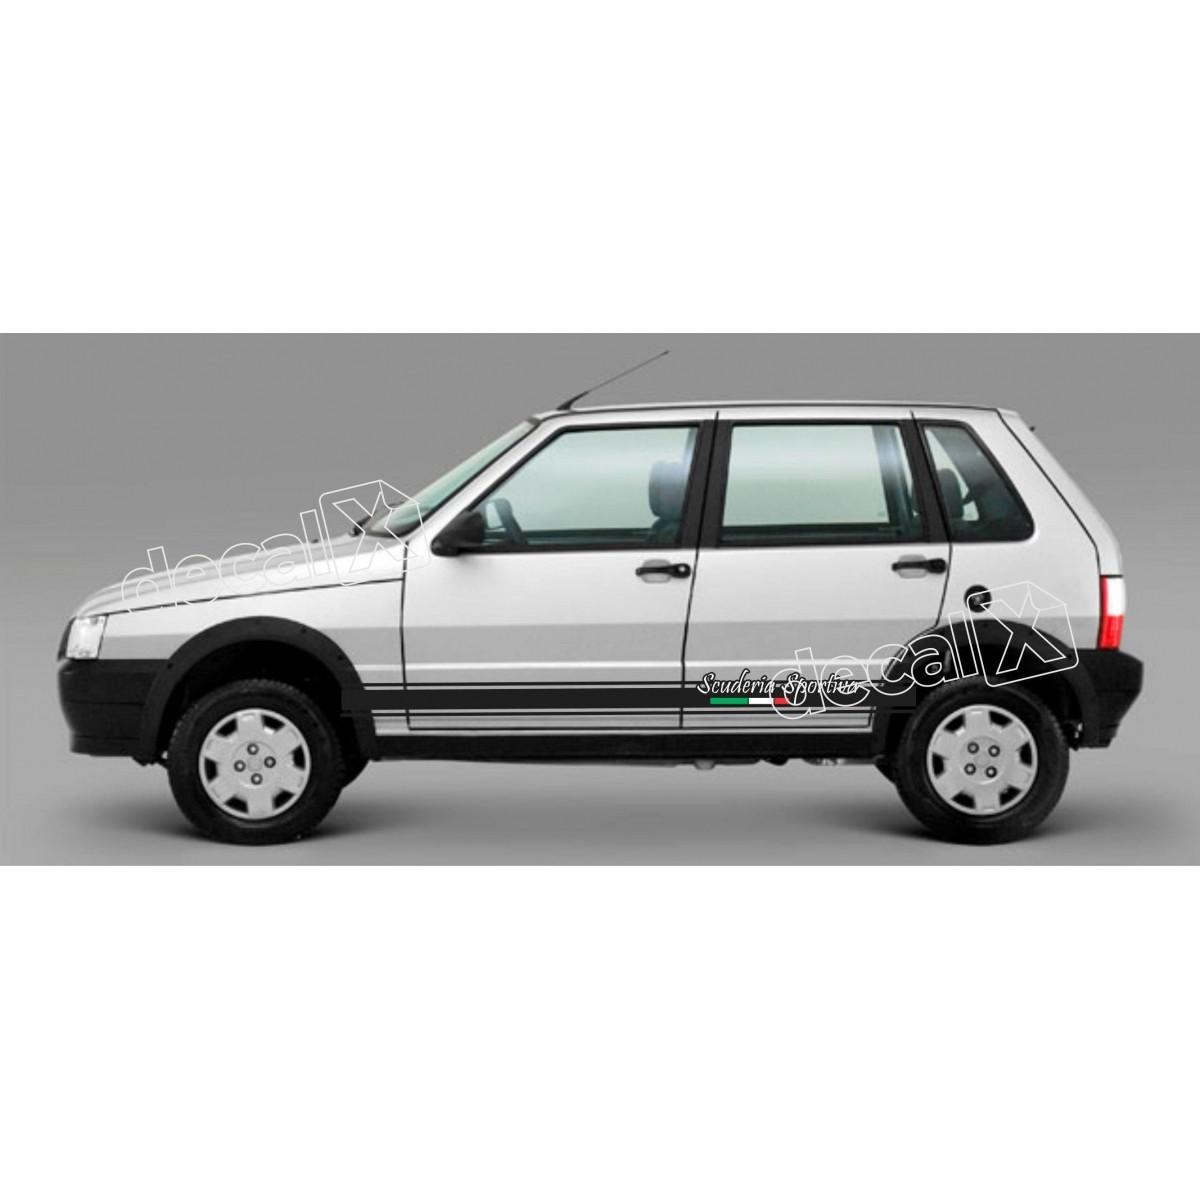 Adesivo Faixa Lateral Fiat Uno Unod8